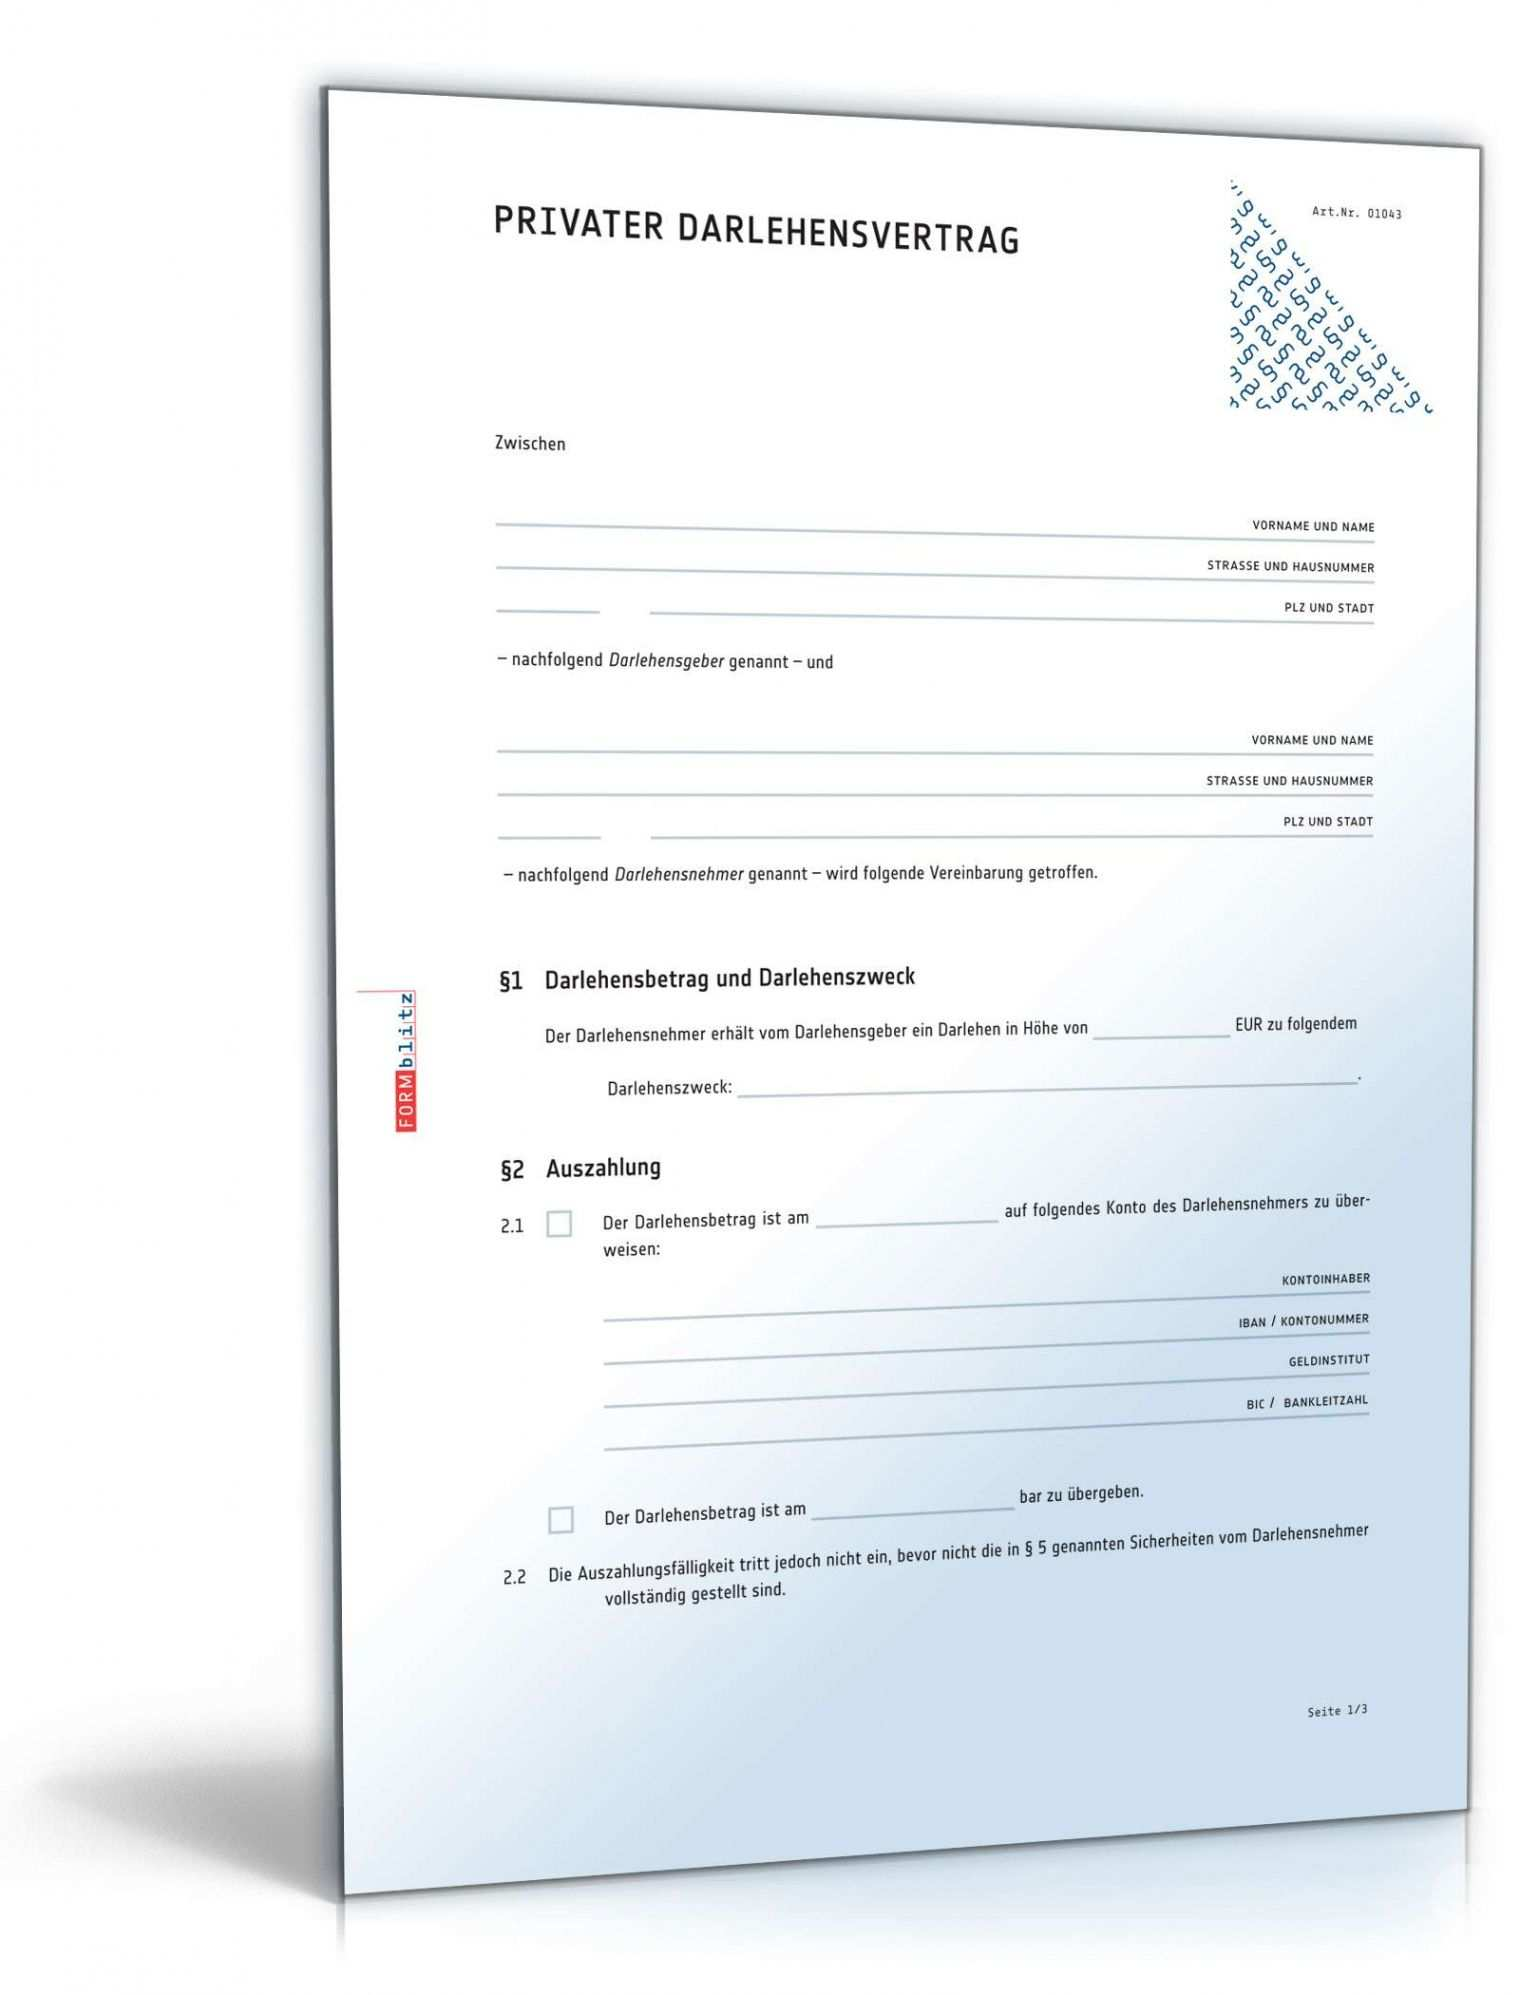 Kostgeld Vereinbarung Vorlage In 2020 Vorlagen Word